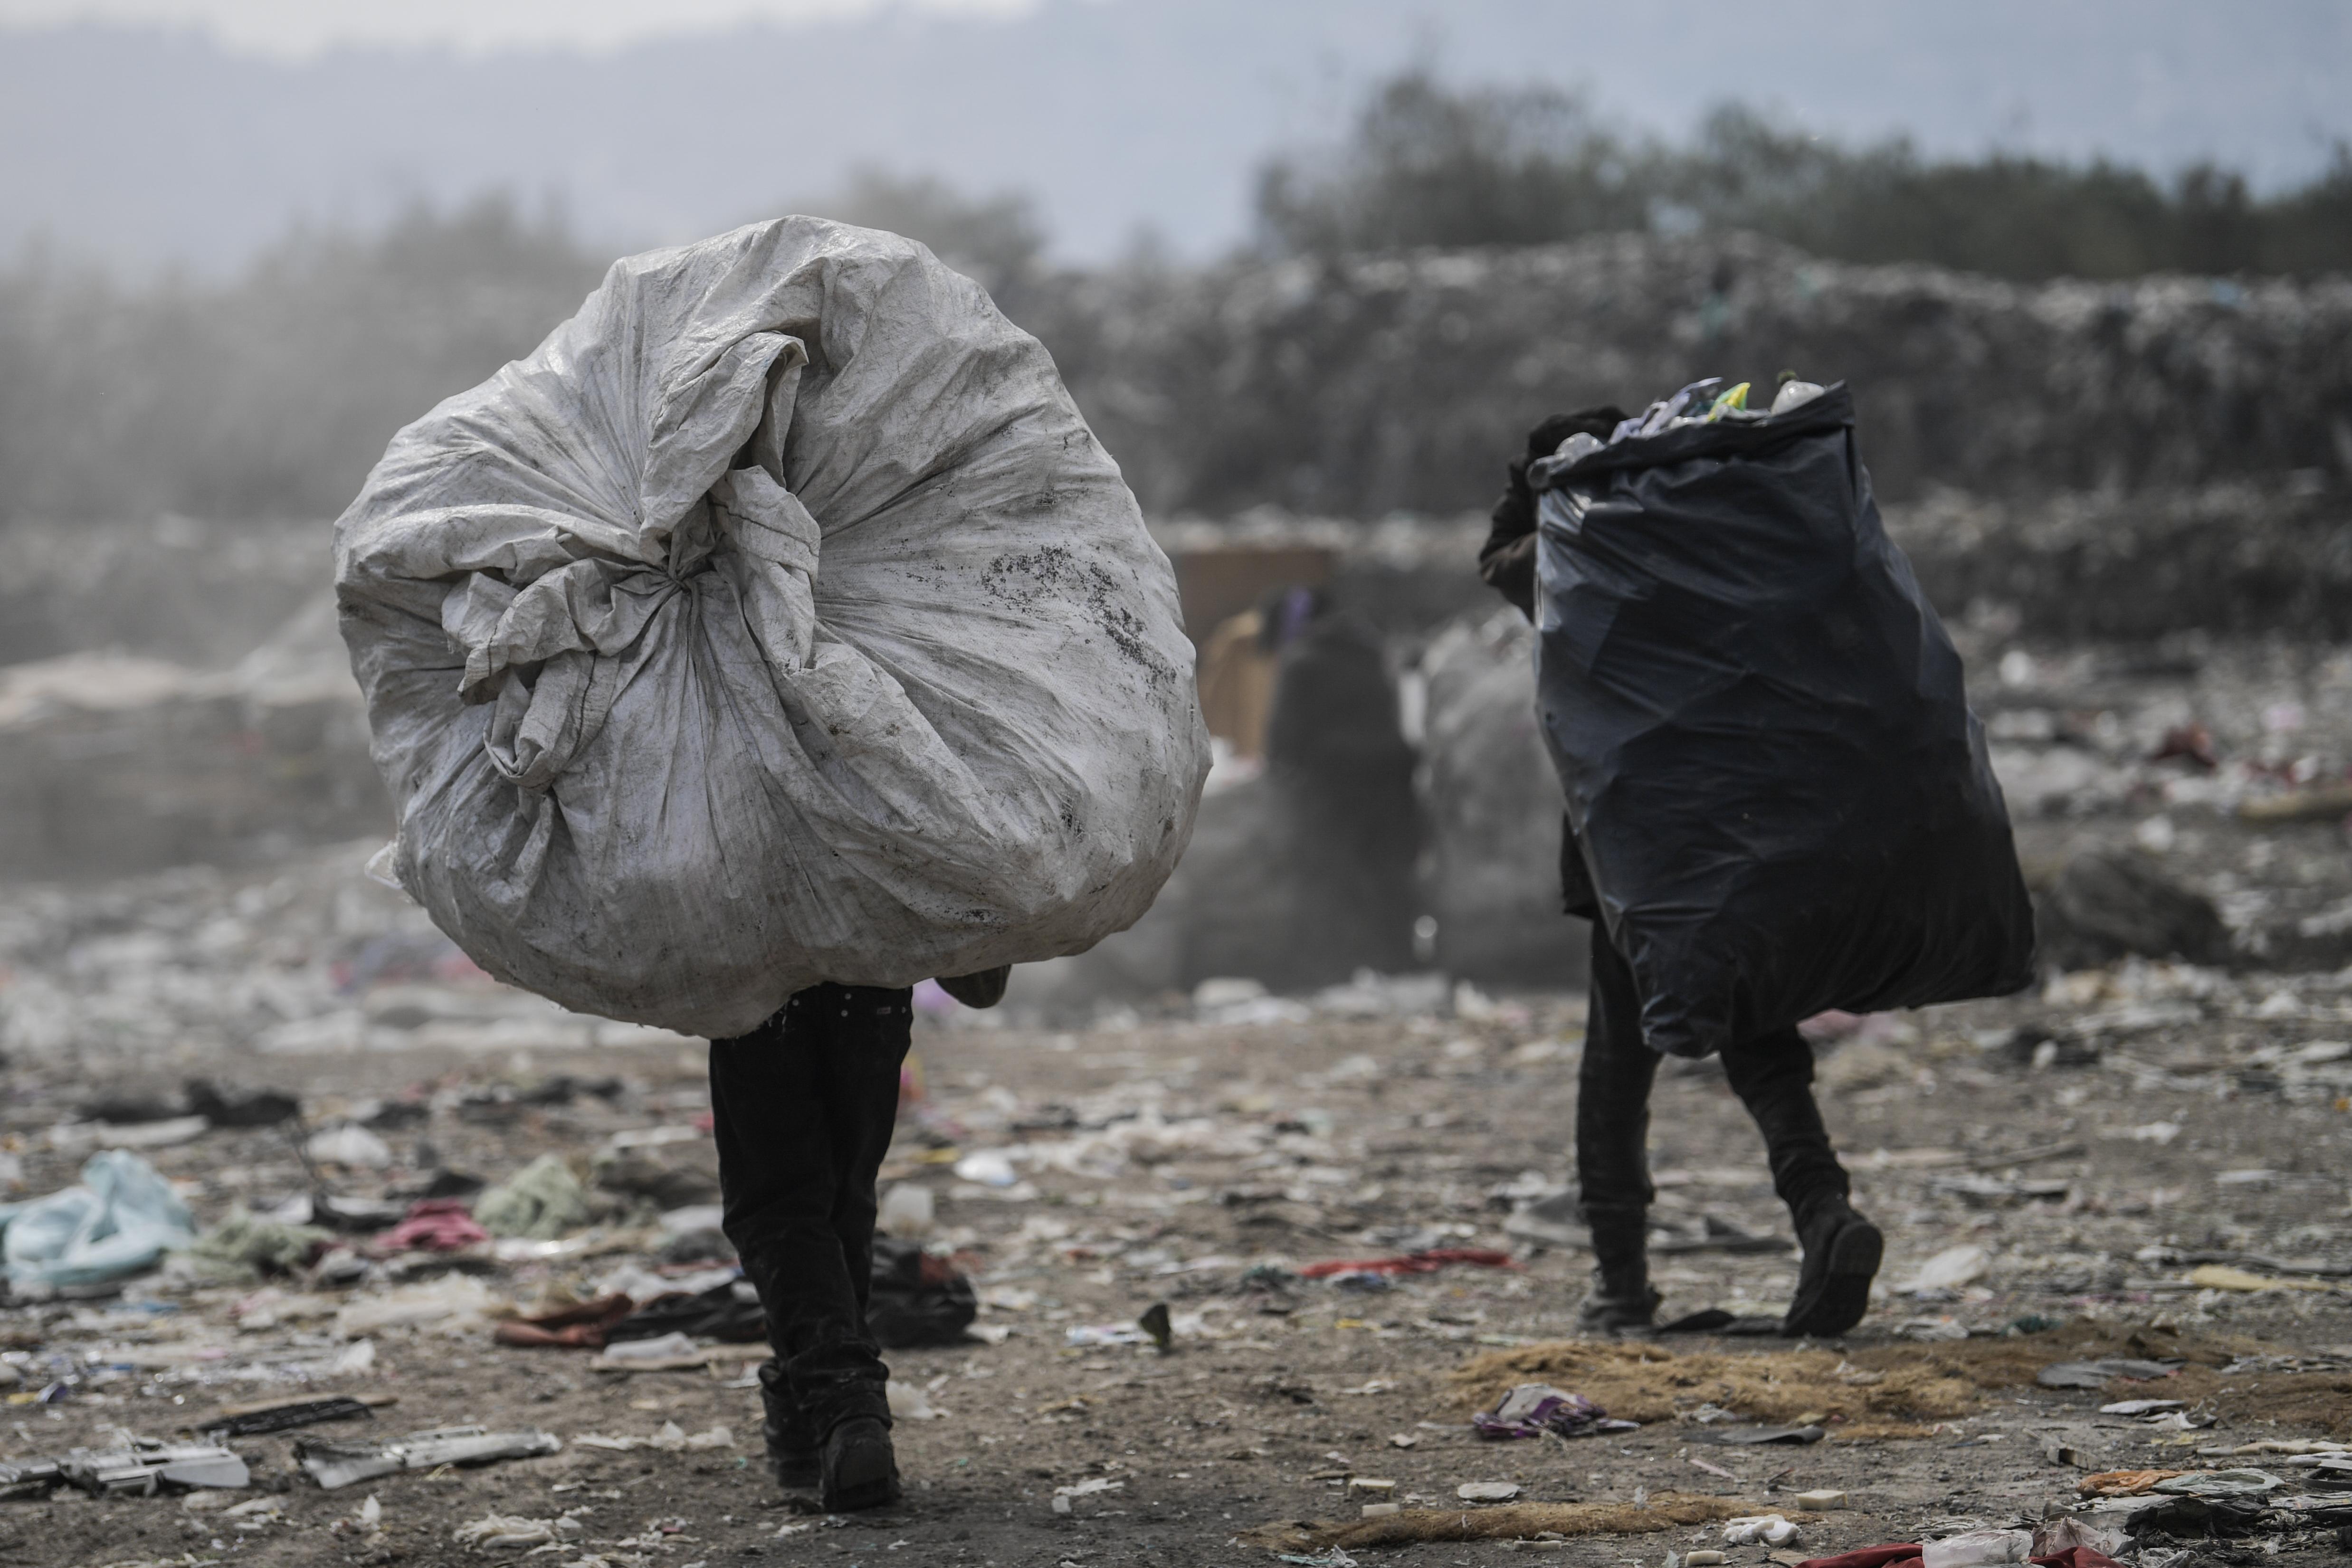 Los recolectores llevan bolsas en el basurero